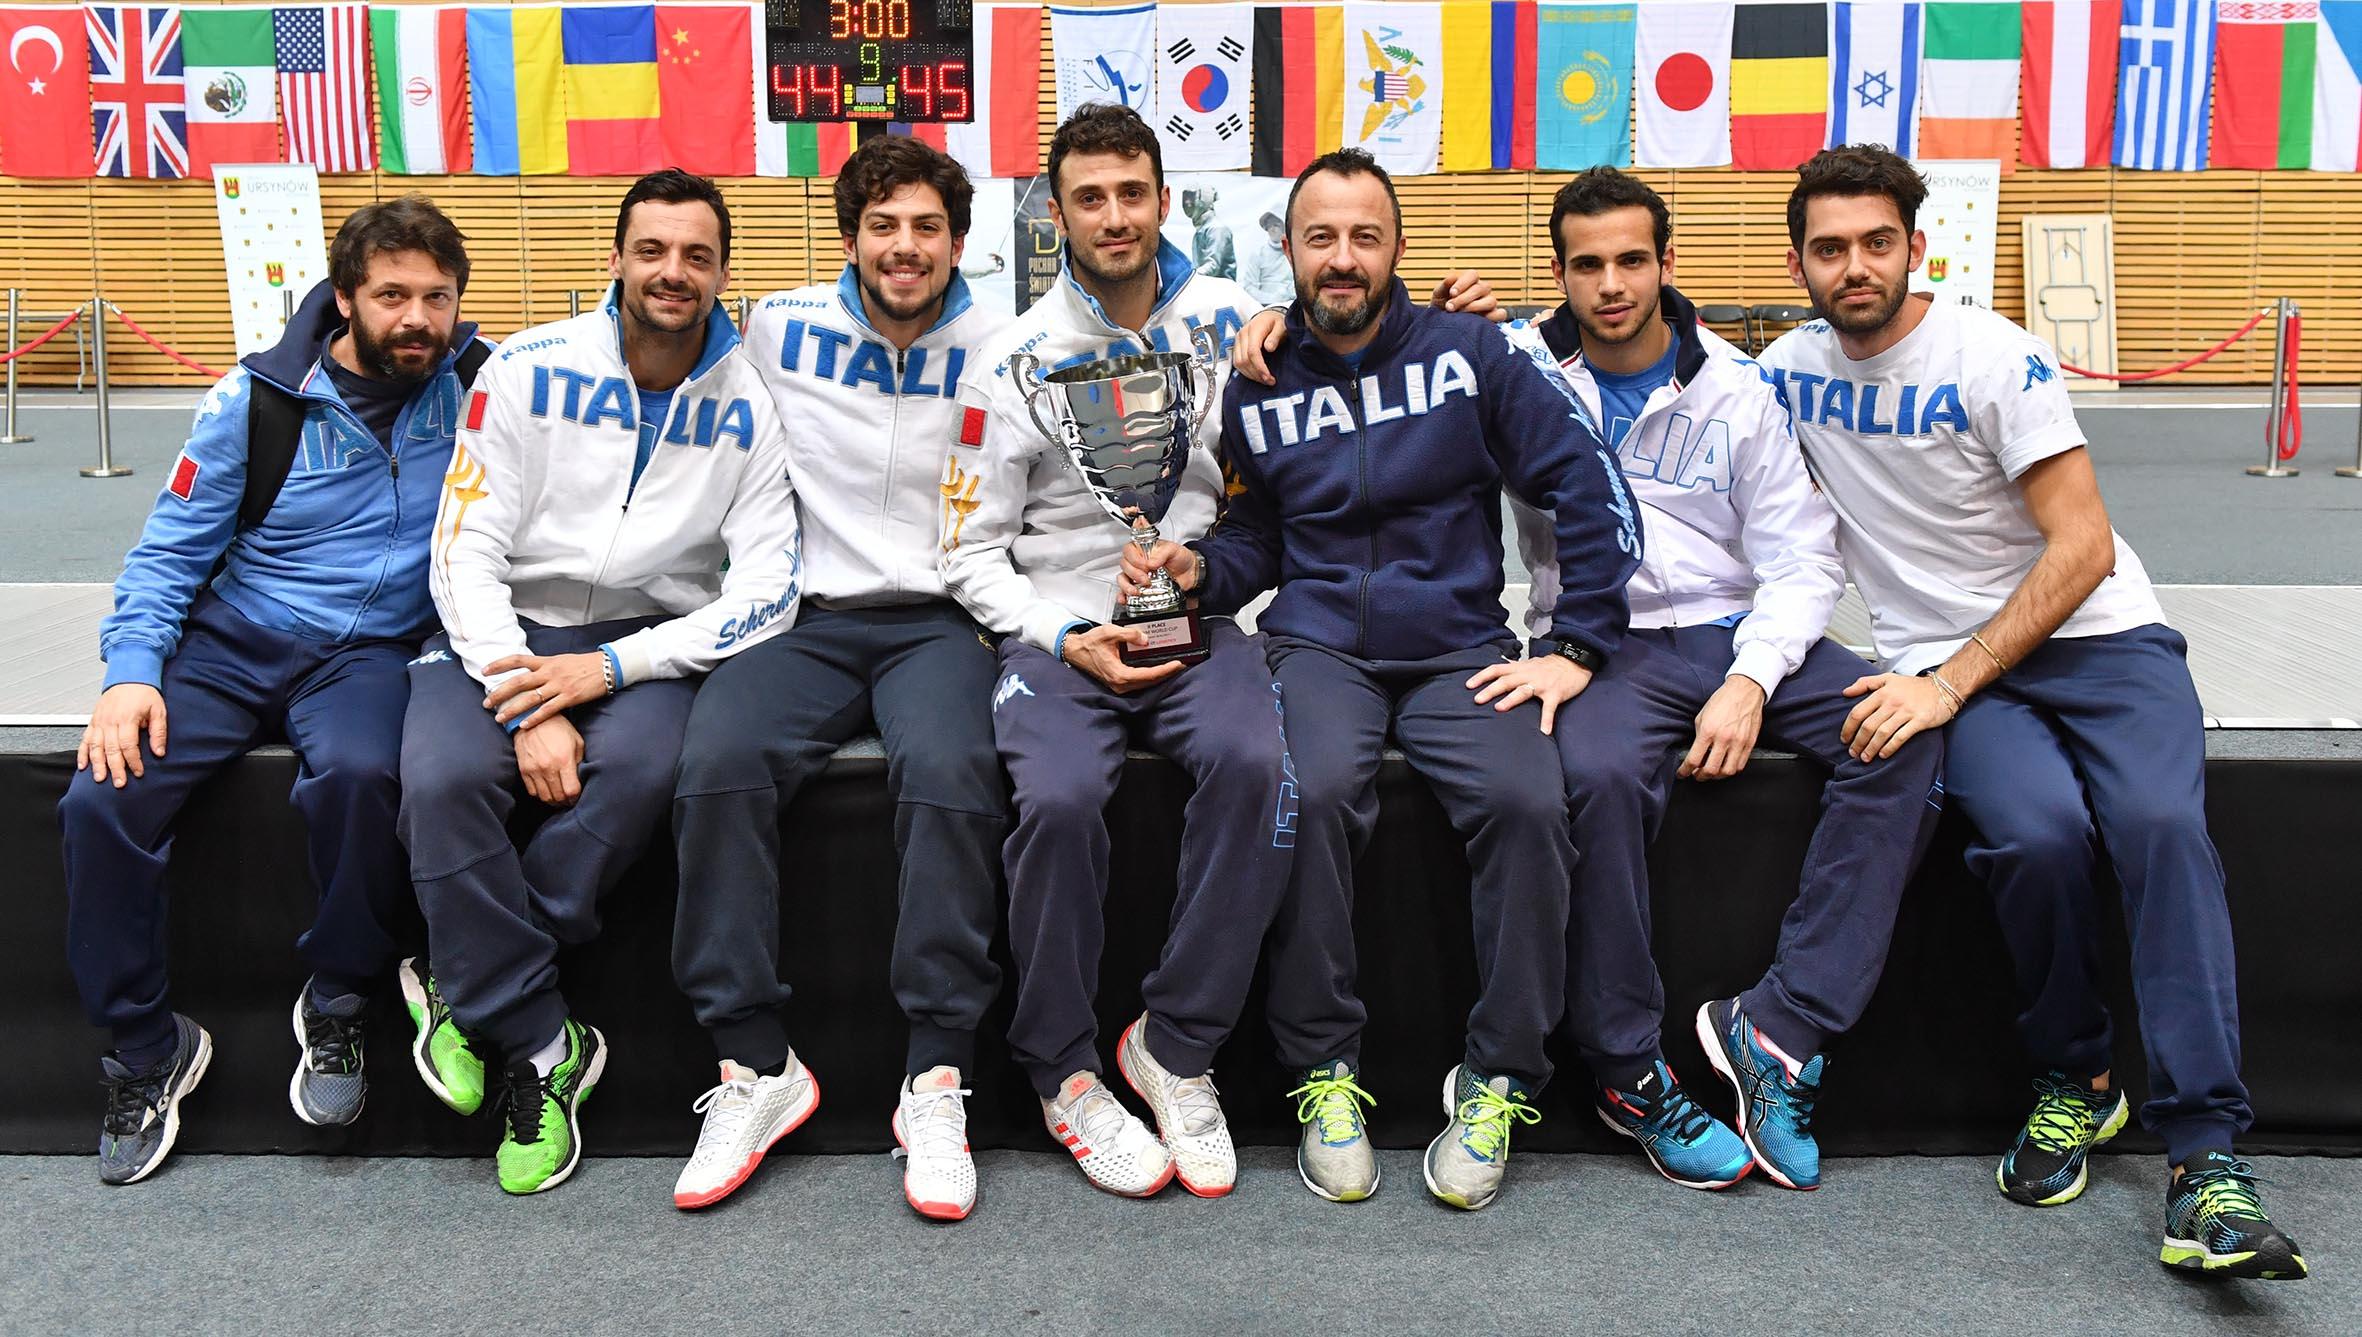 L'Italia della sciabola in posa dopo il secondo posto di Varsavia